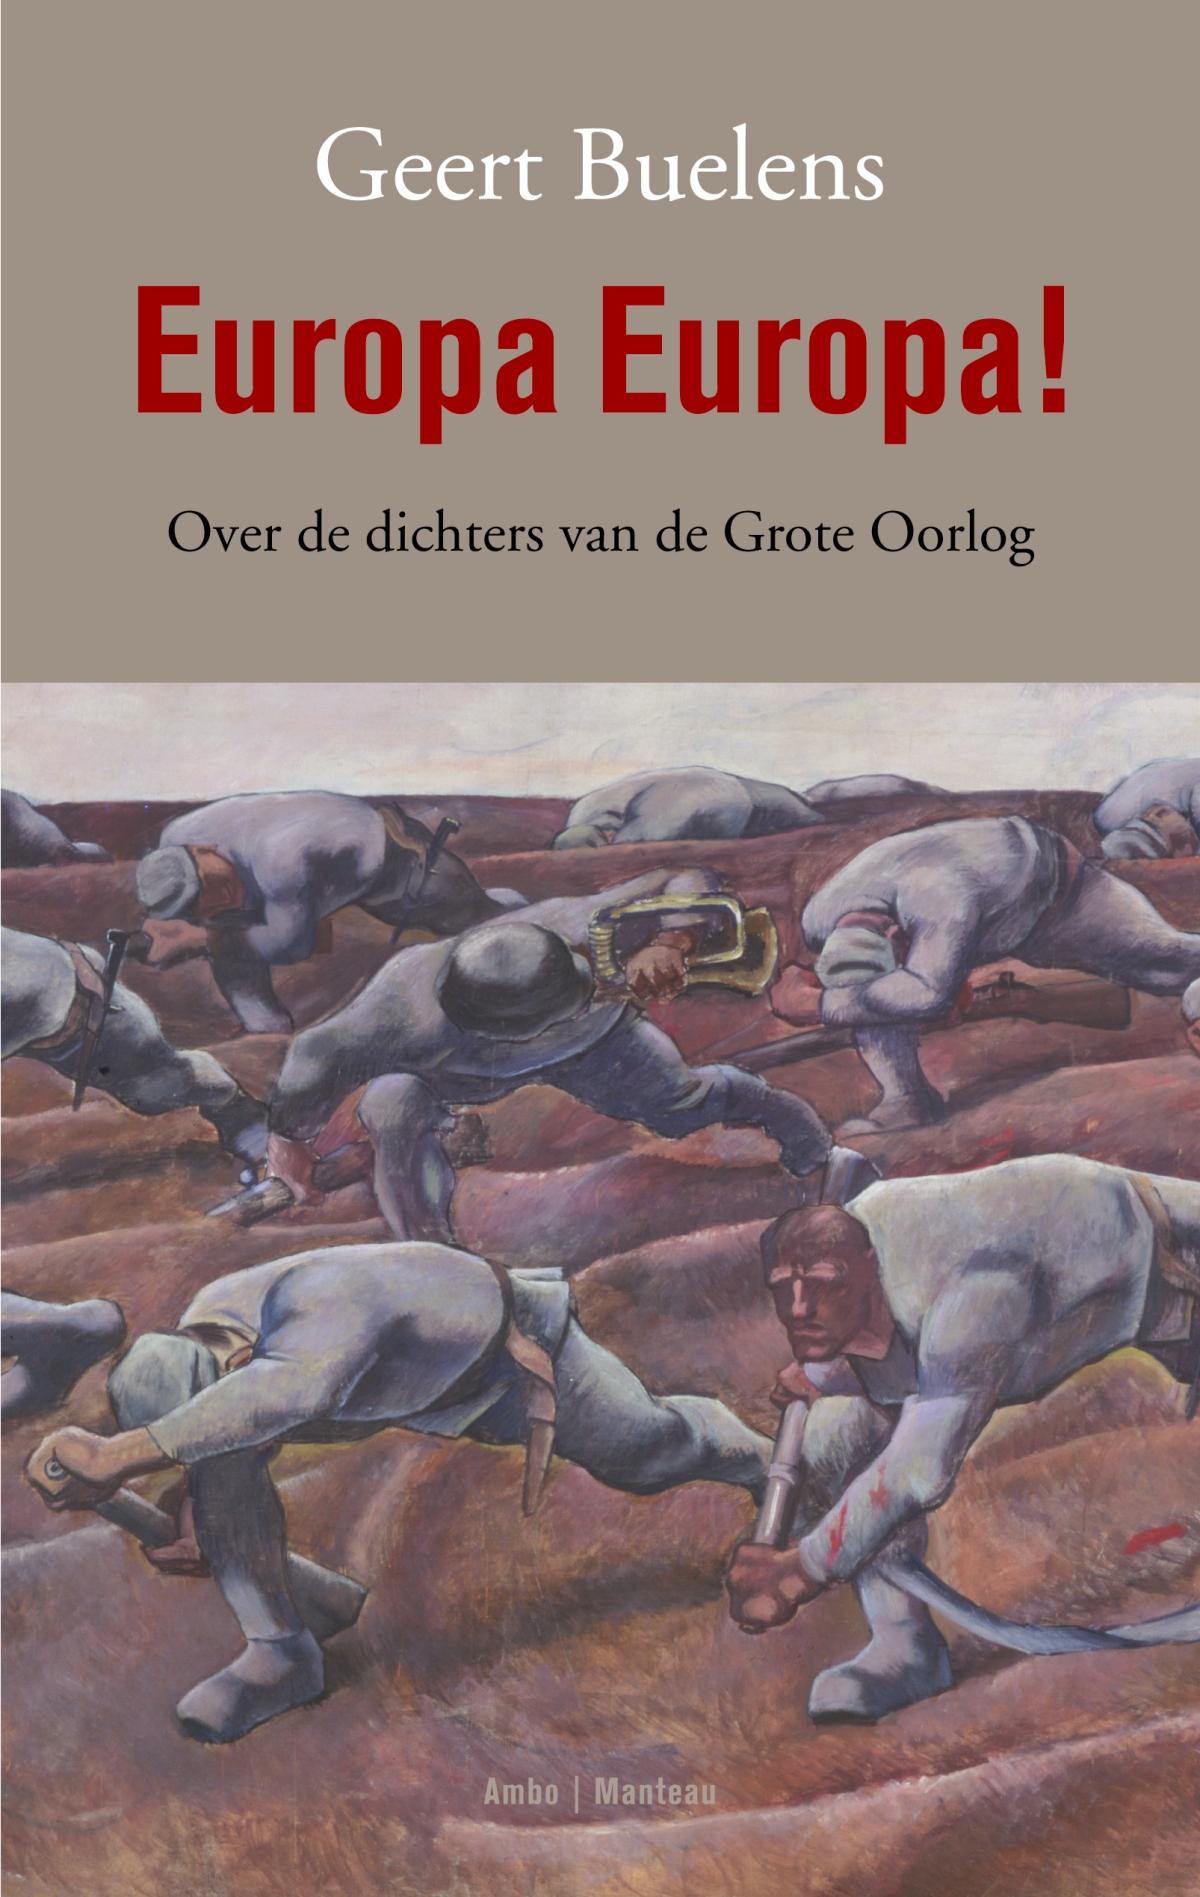 Europa Europa! - Geert Buelens